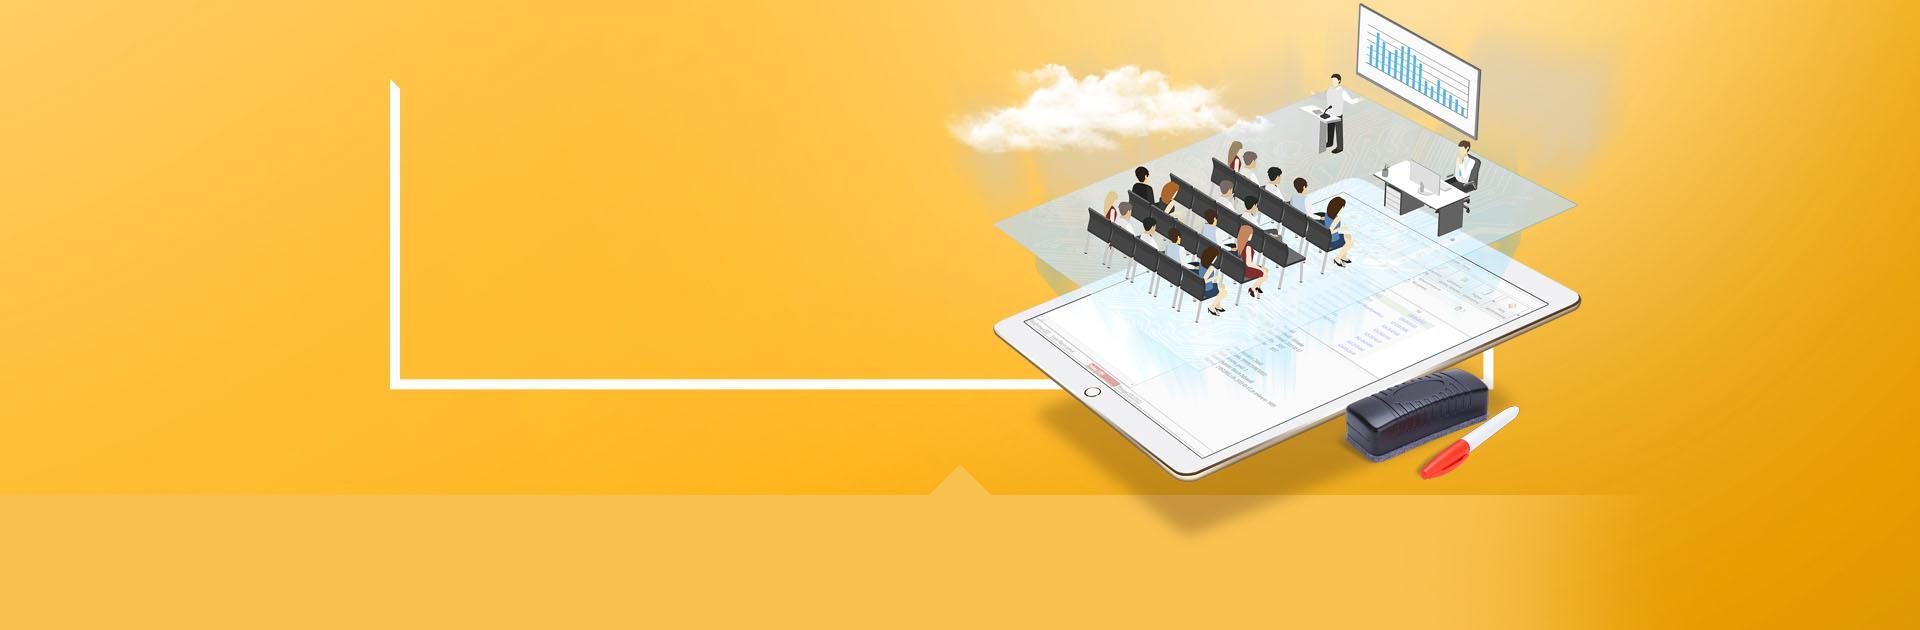 oprogramowanie dla biur rachunkowych slider2